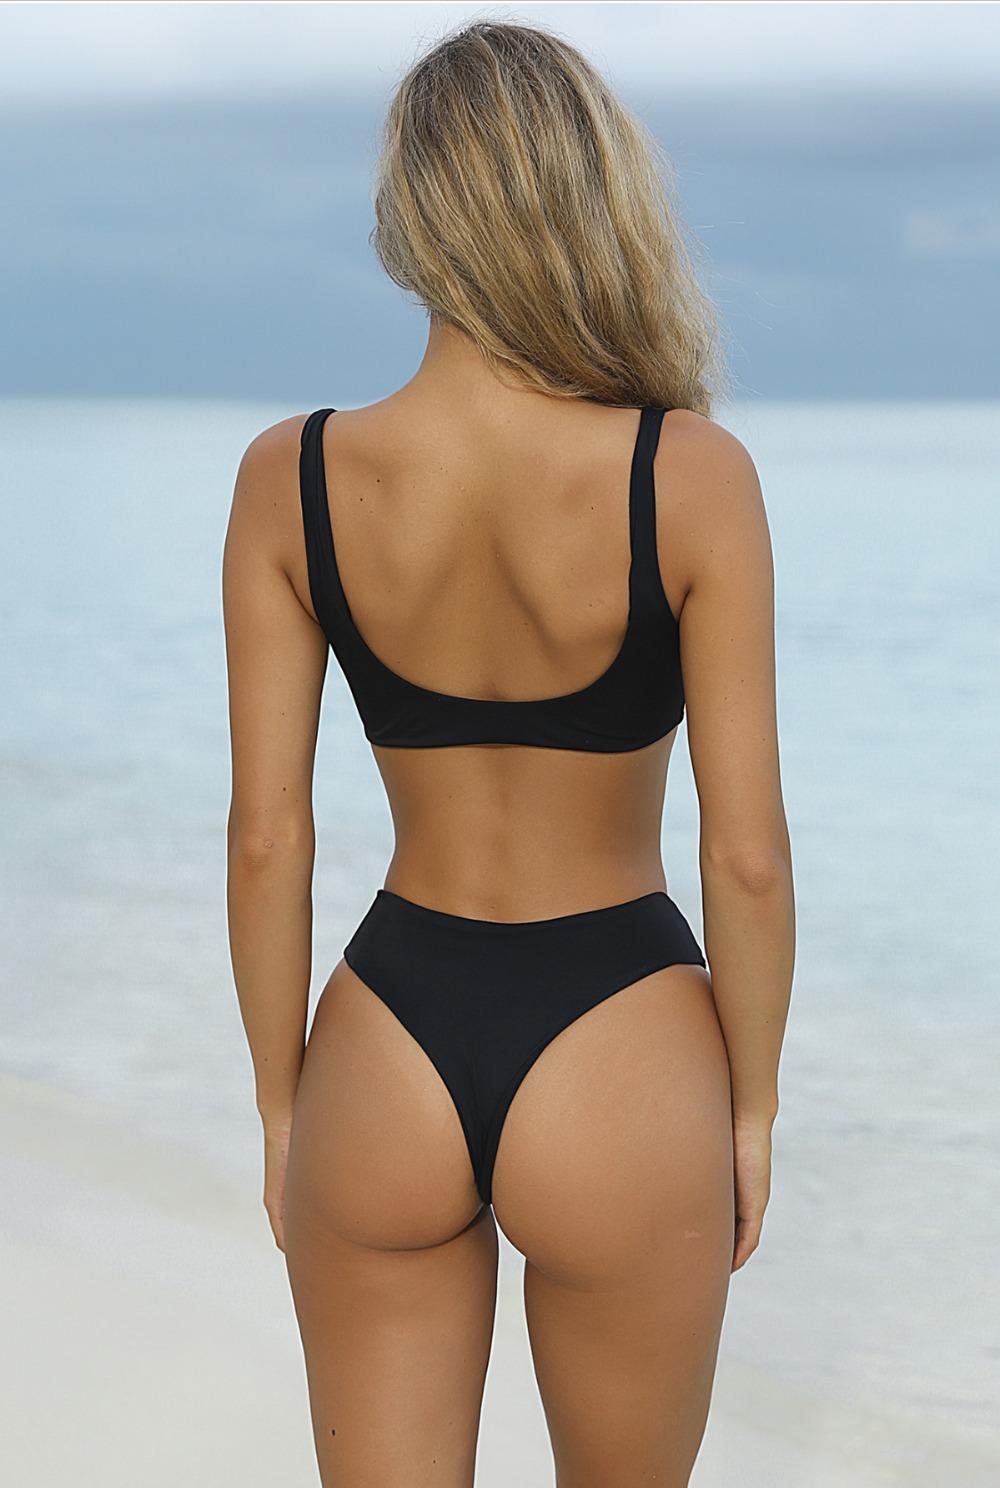 HTB1X6W7RVXXXXbwXFXXq6xXFXXXX - Summer sexy Beach Bikini Double wrapped chest Women Beach swimsuit Underwear Bra sets JKP388